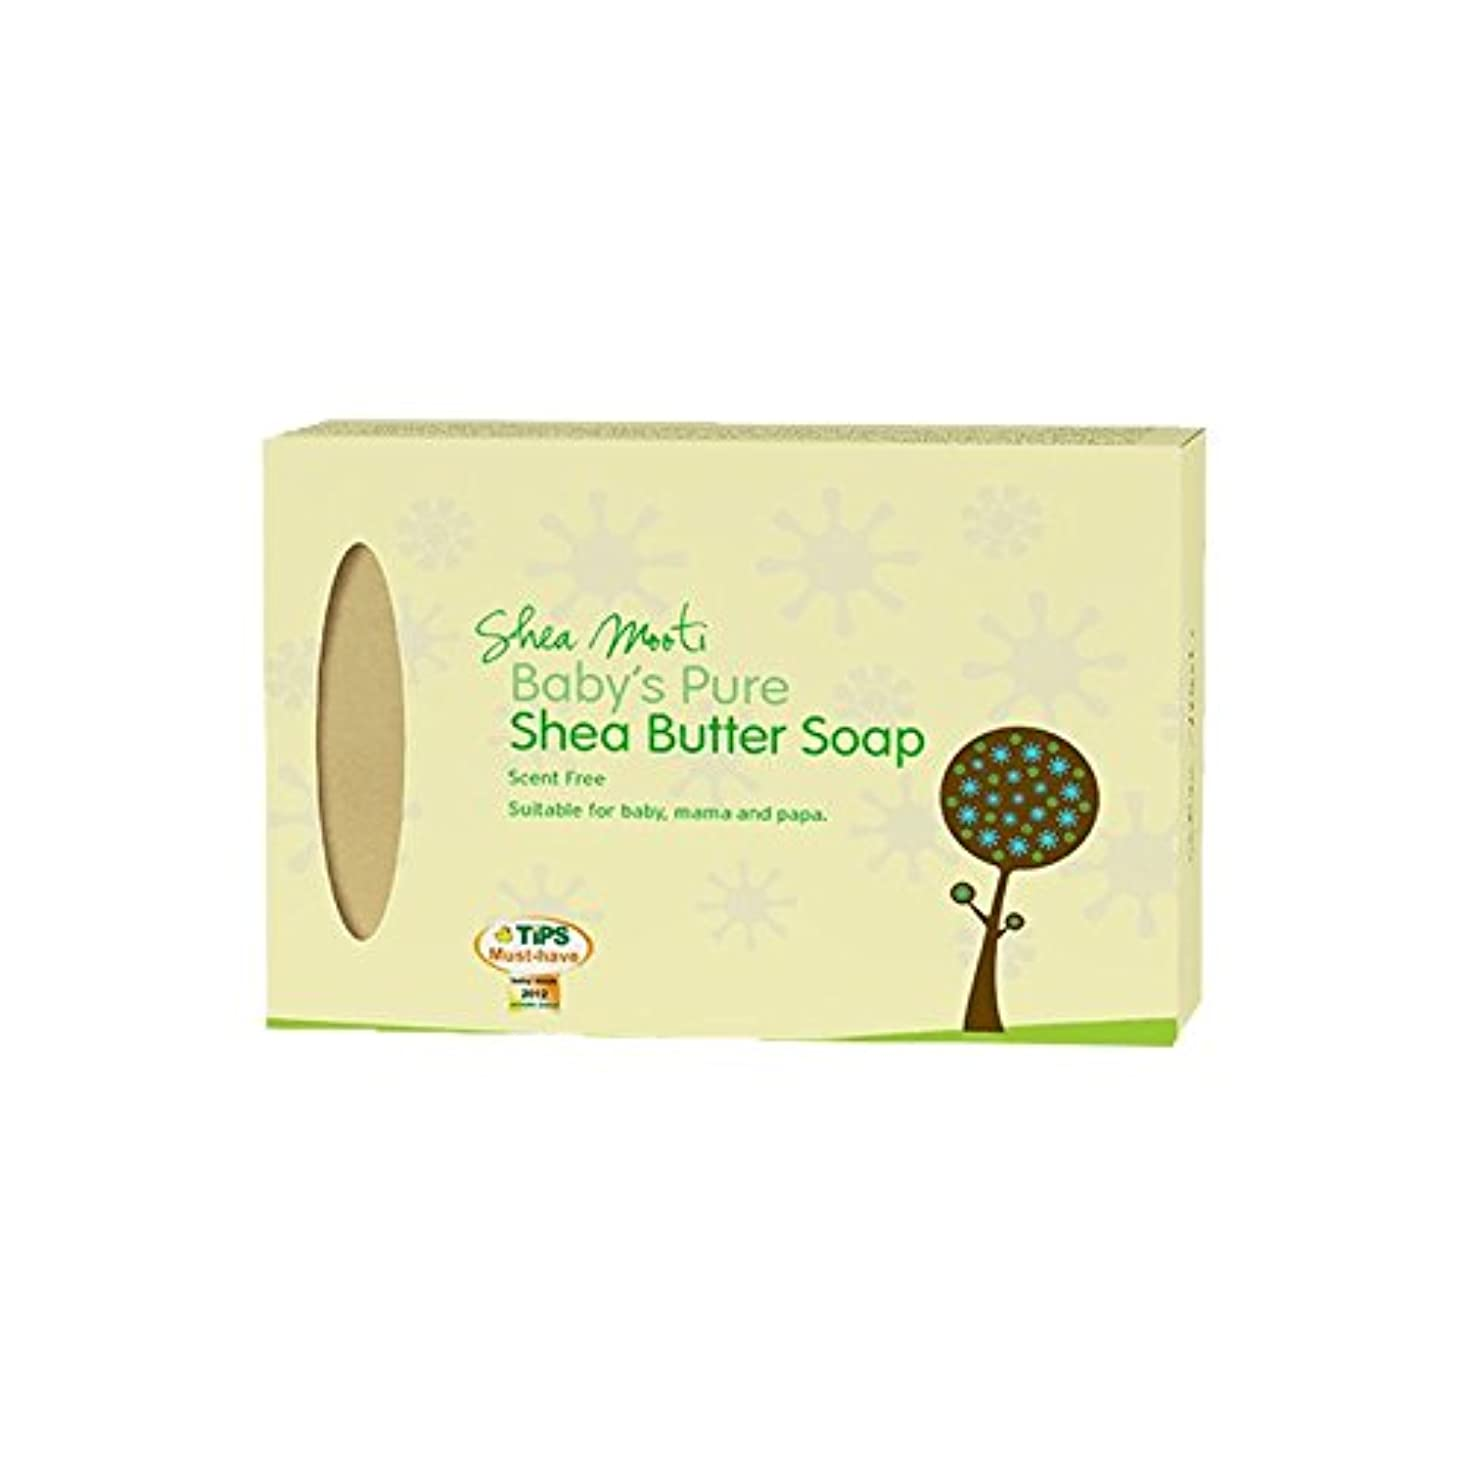 船形買う演じるShea Mooti Baby's Pure Shea Butter Soap Unscented 250ml (Pack of 2) - シアバターMooti赤ちゃんの純粋なシアバターソープ無香250ミリリットル (x2...